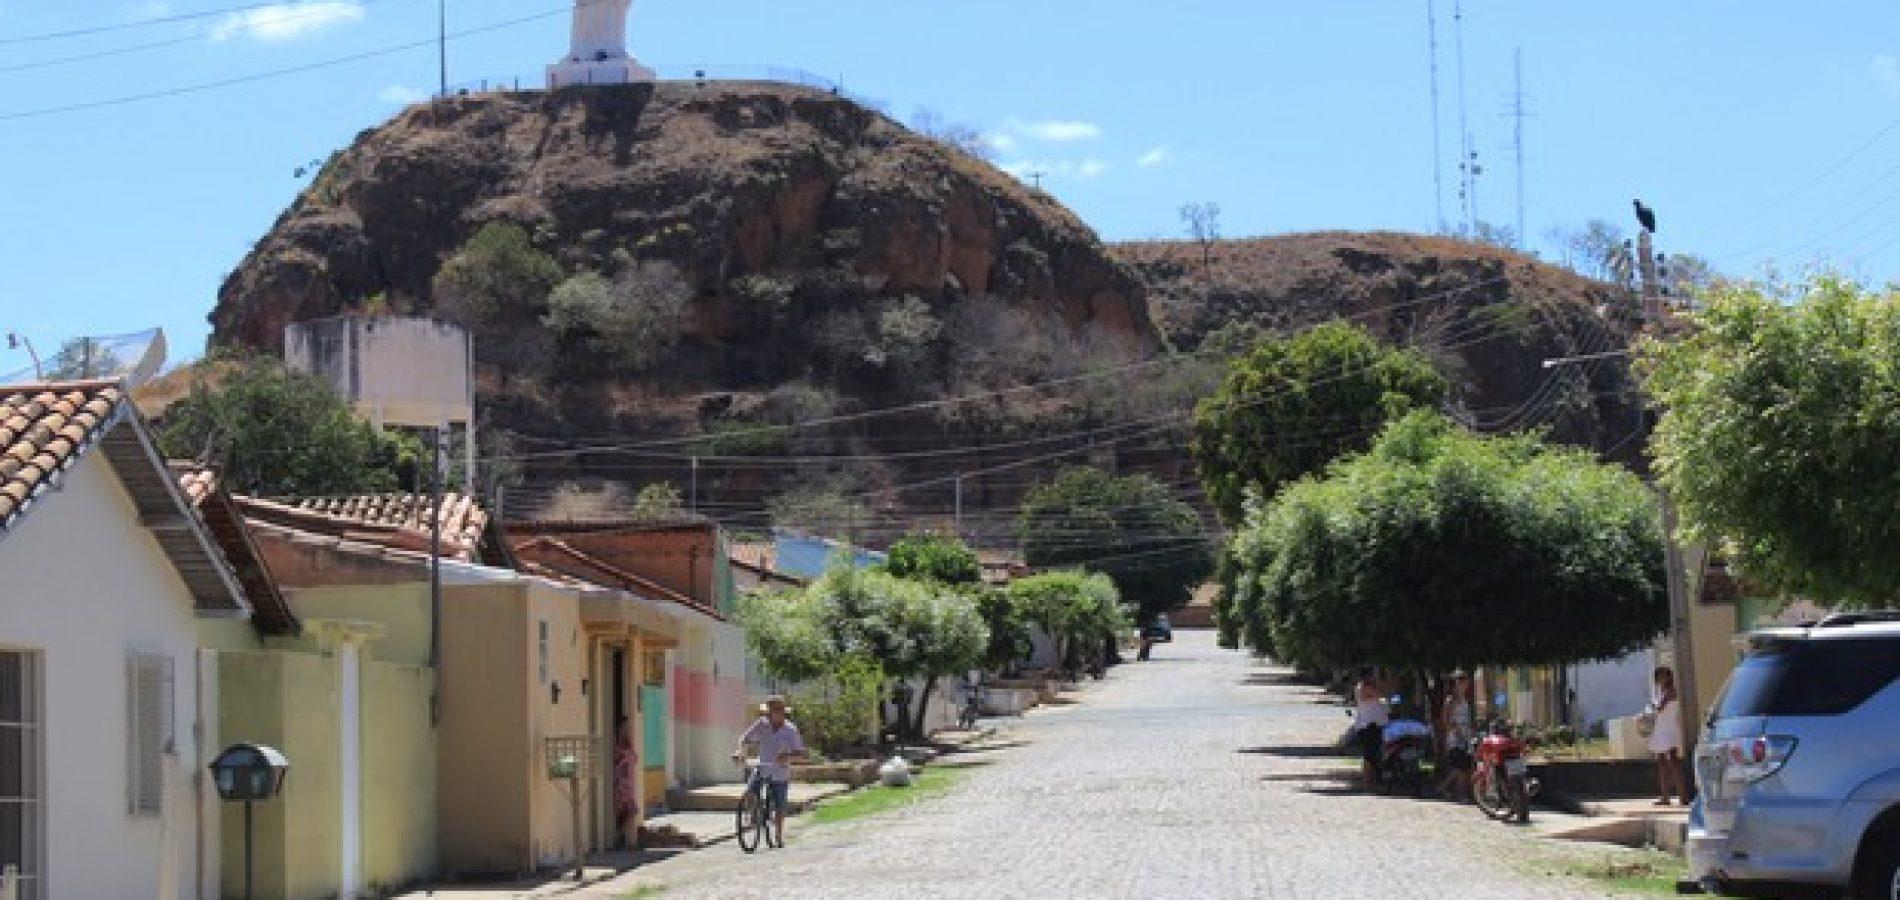 Com quase todos os açudes secos, Oeiras tem decreto de emergência